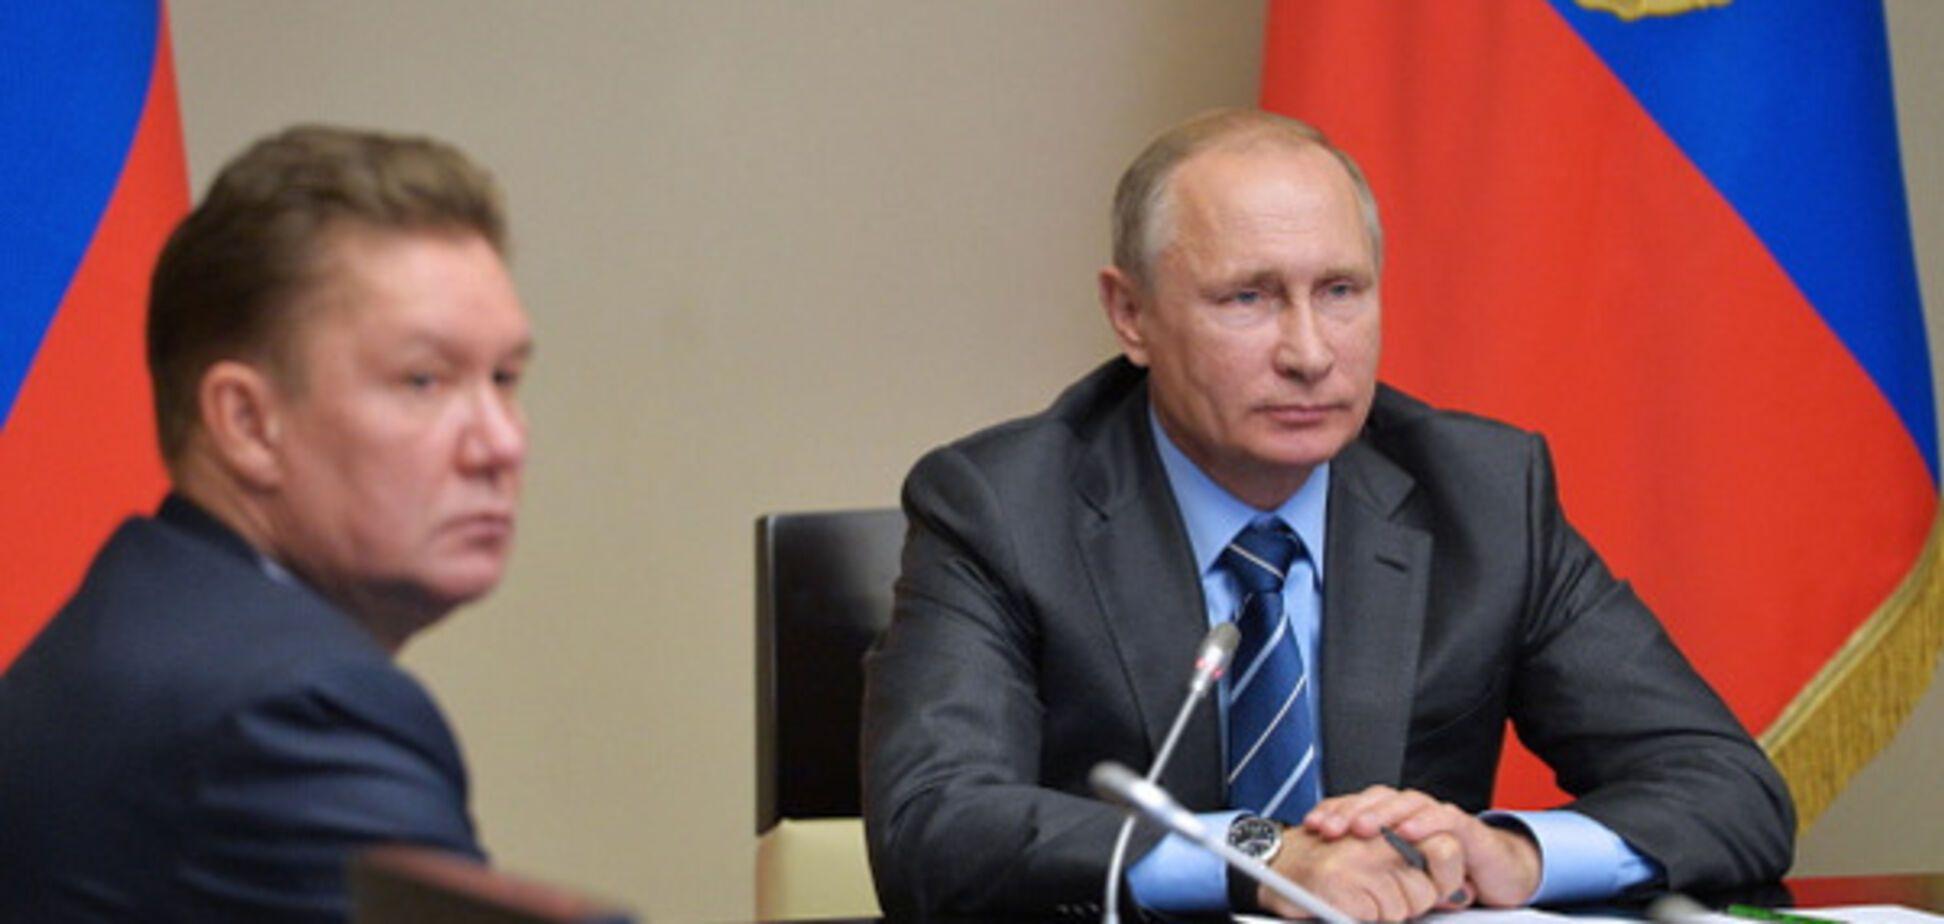 Денег нет: энергоэксперт назвал априори провальную цель Кремля